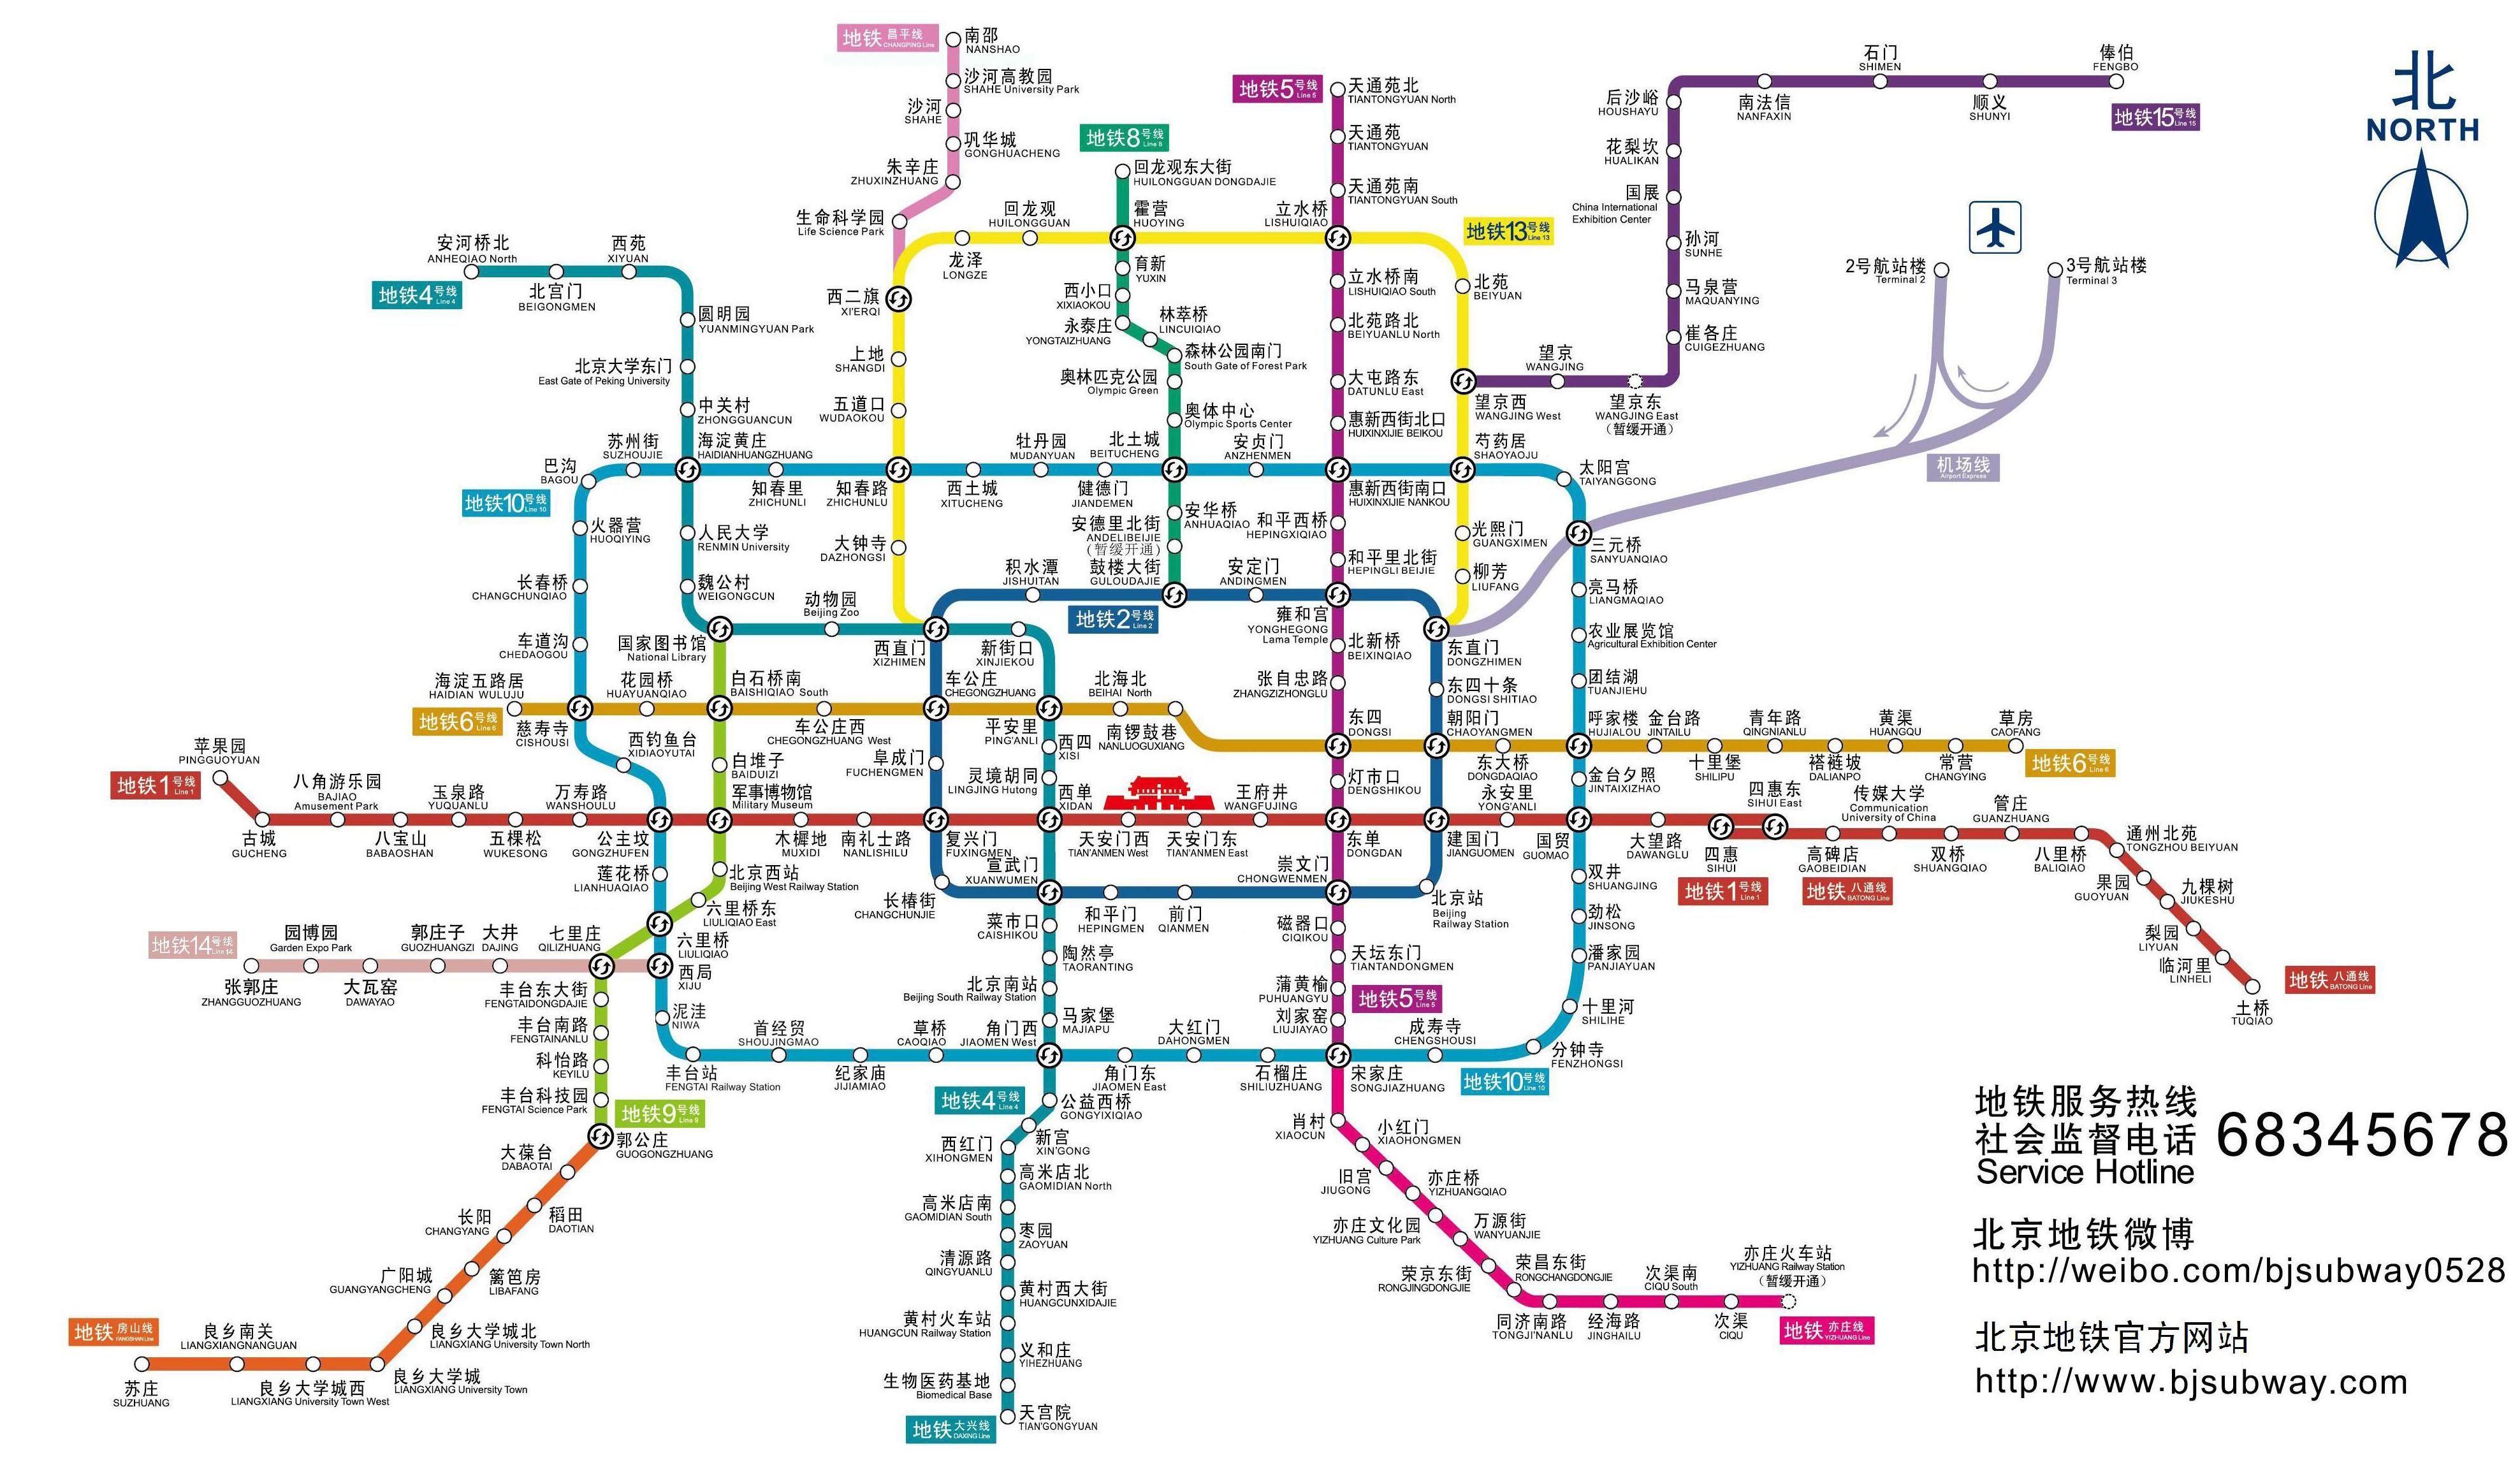 Метро китай схема 2016